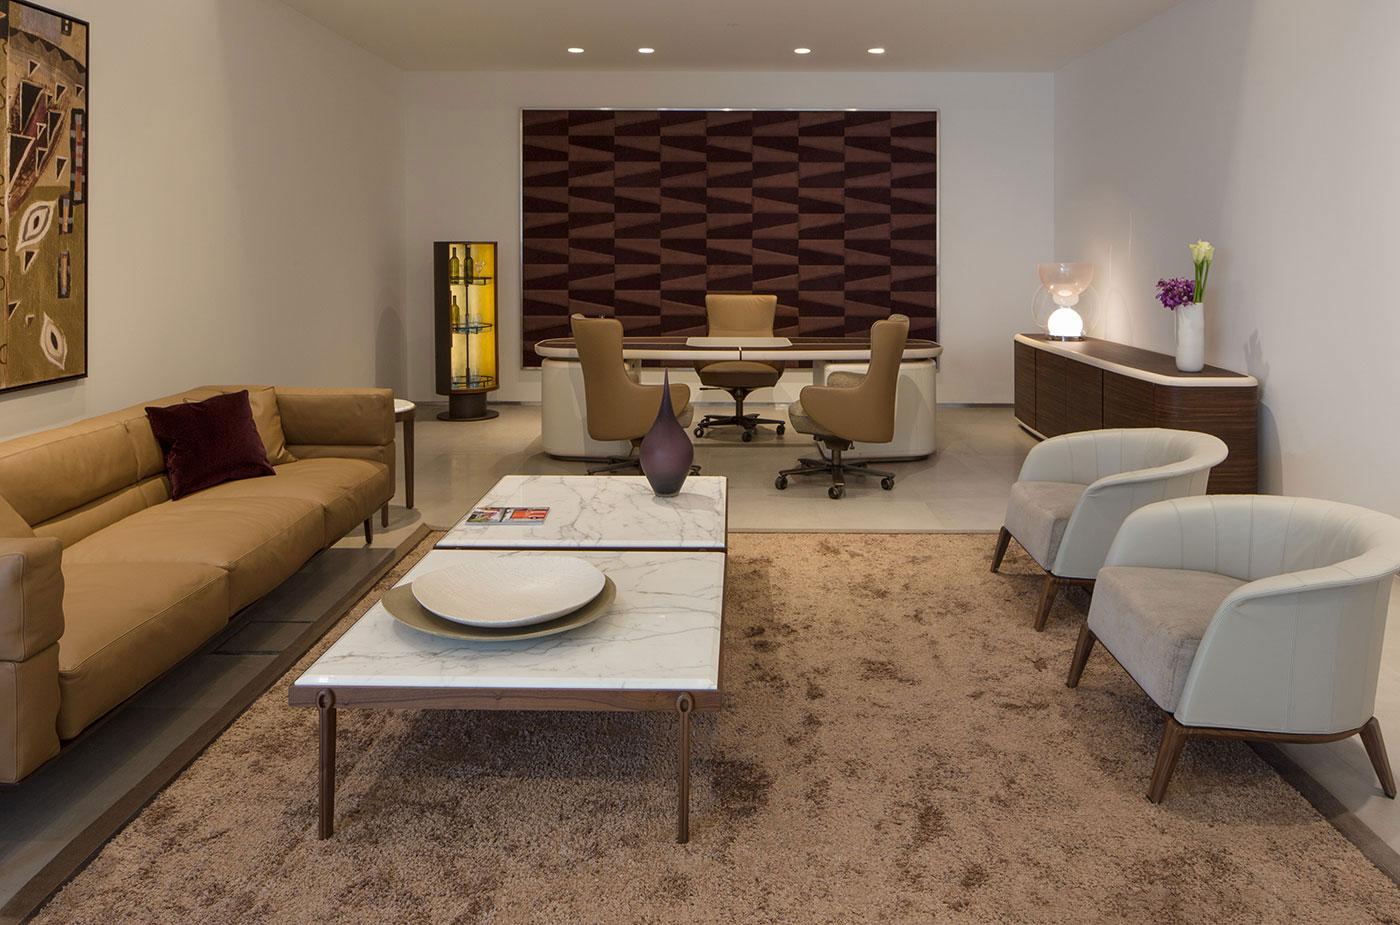 Obegi Home Exclusive Moods Showroom Giorgetti Area 1